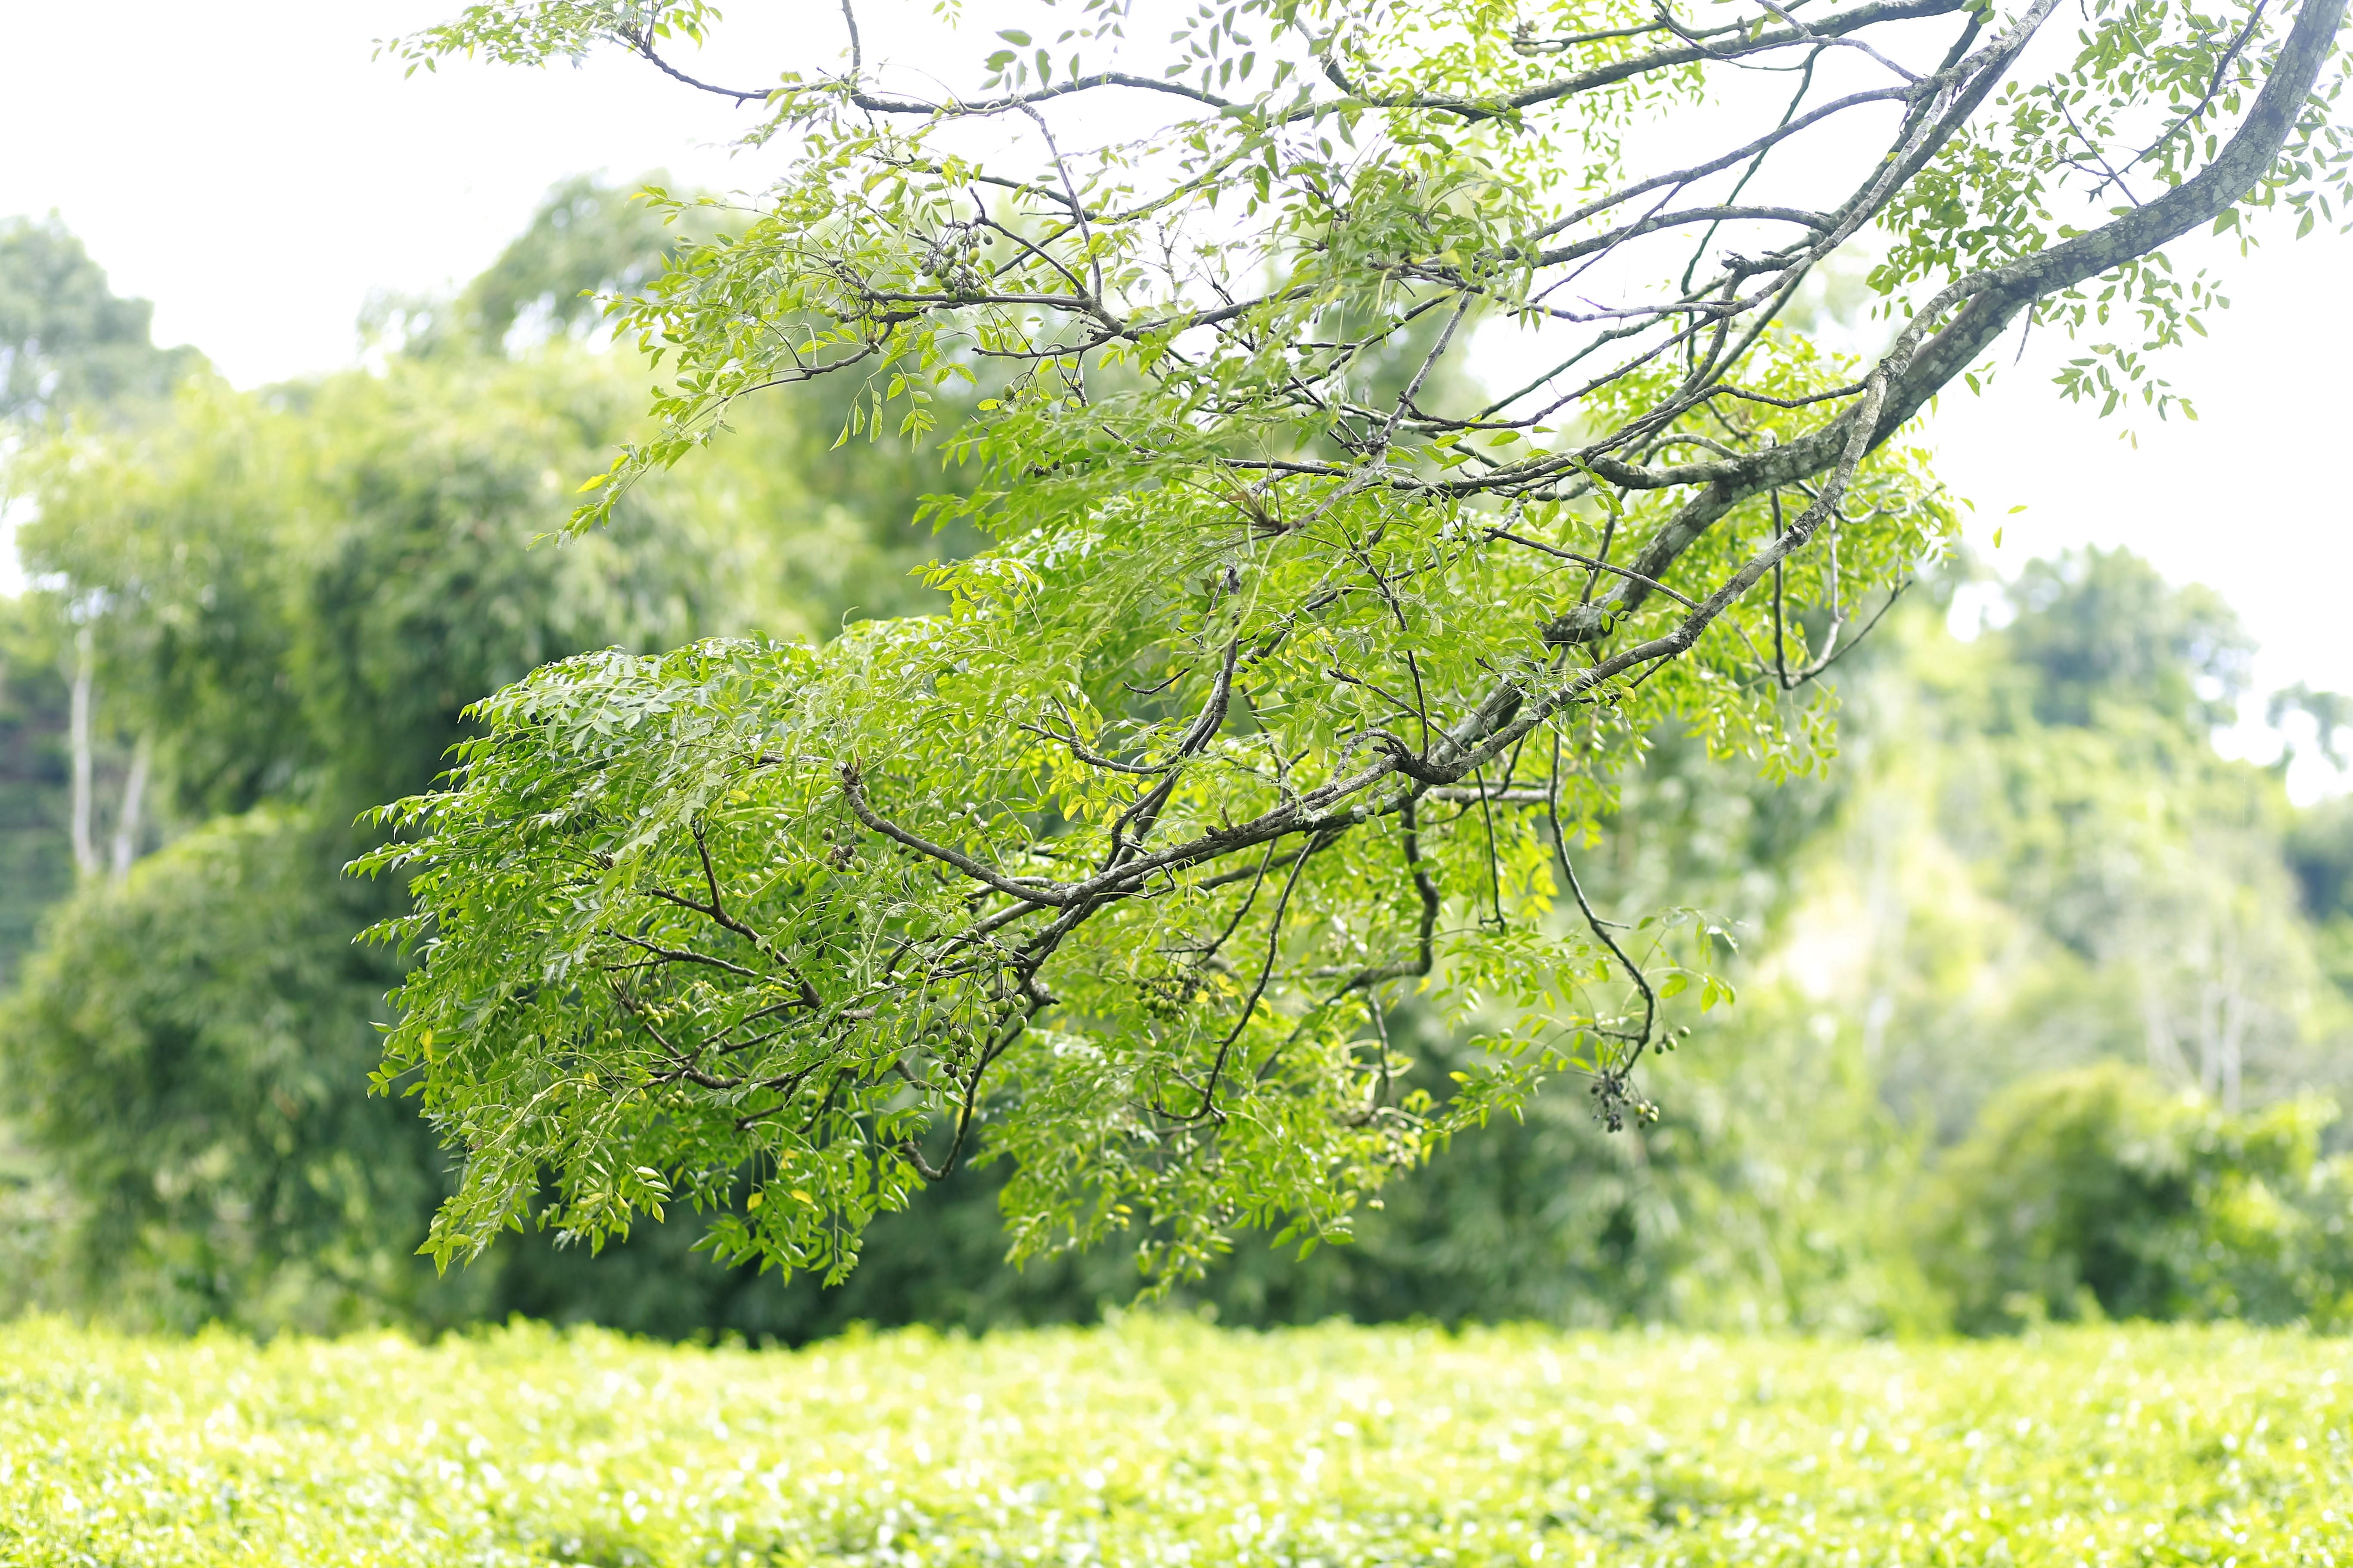 Tea Garden, Hajarikhil, Fatikchari, Chittagong, Bangladesh